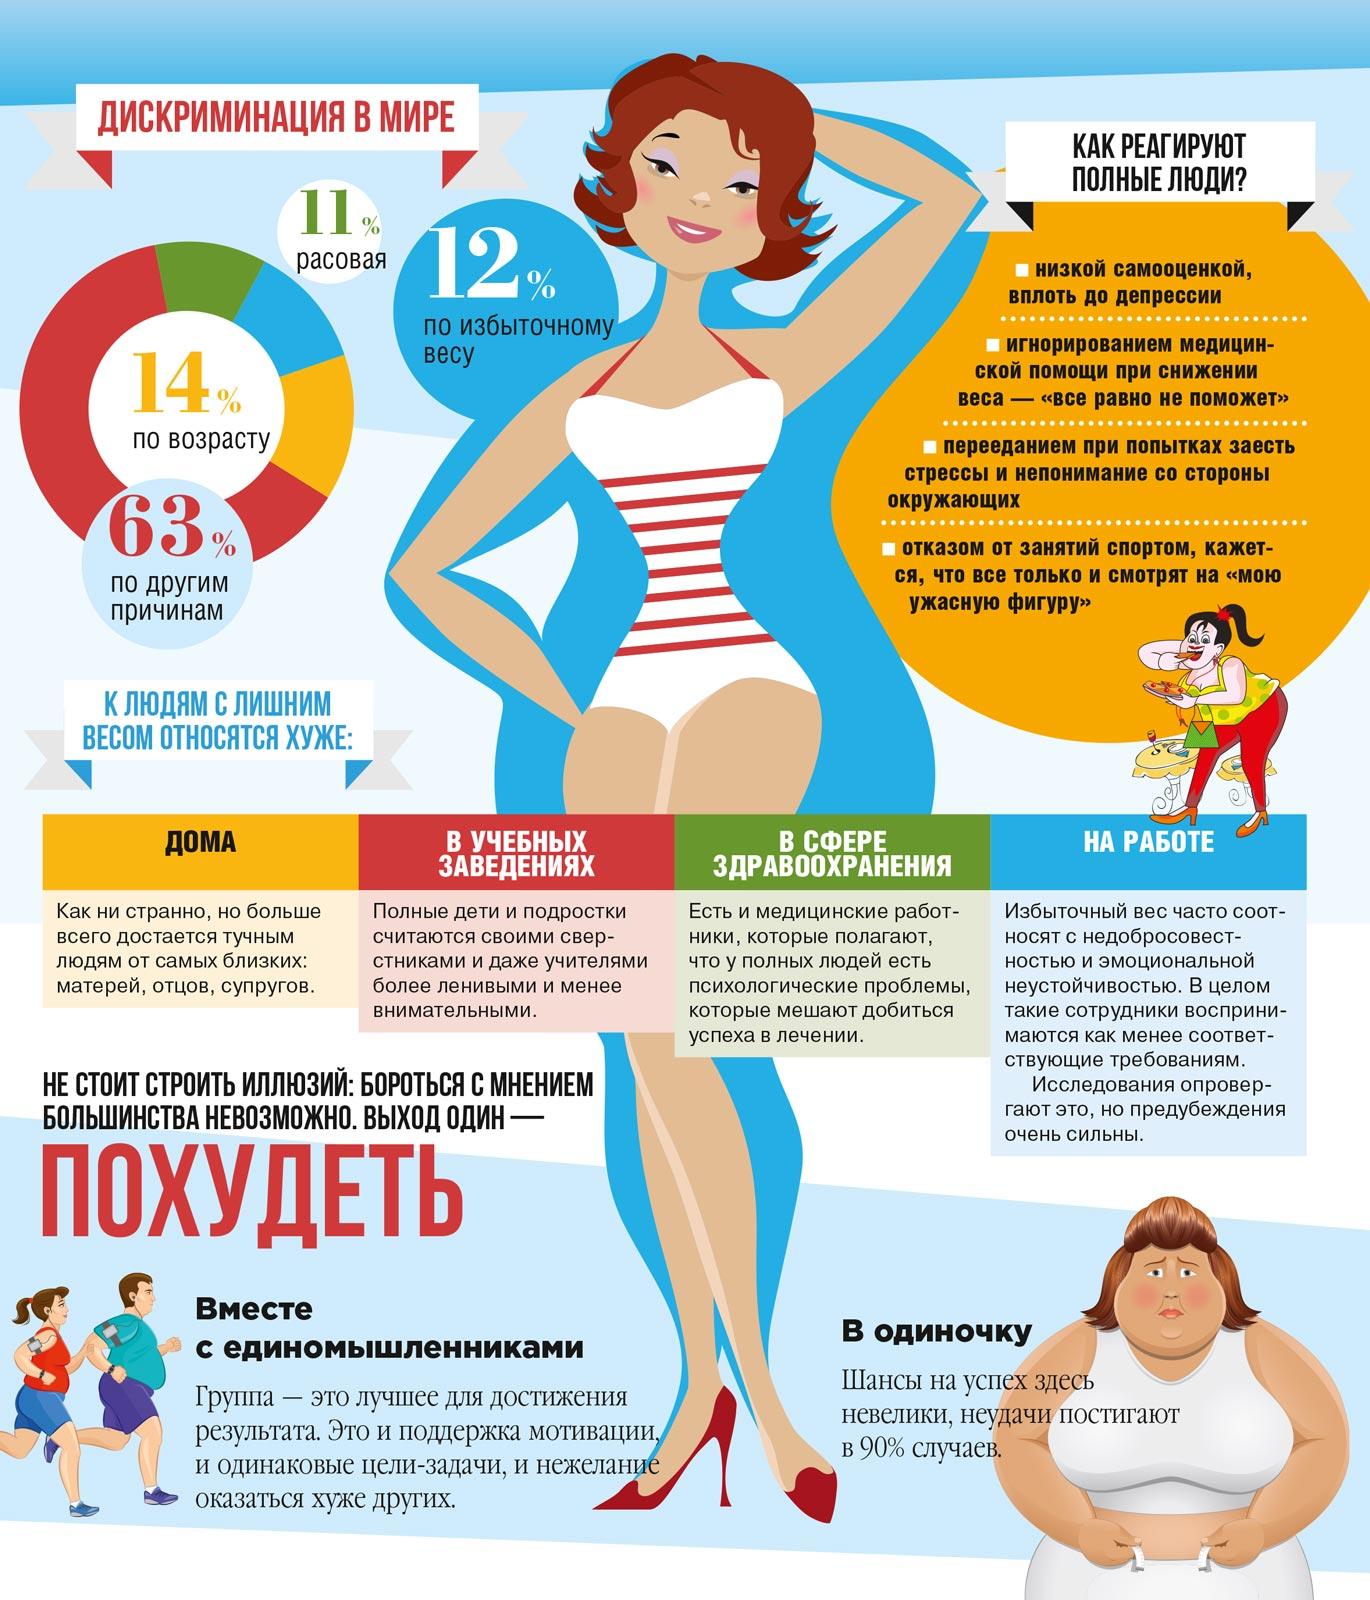 Дискриминация по весу